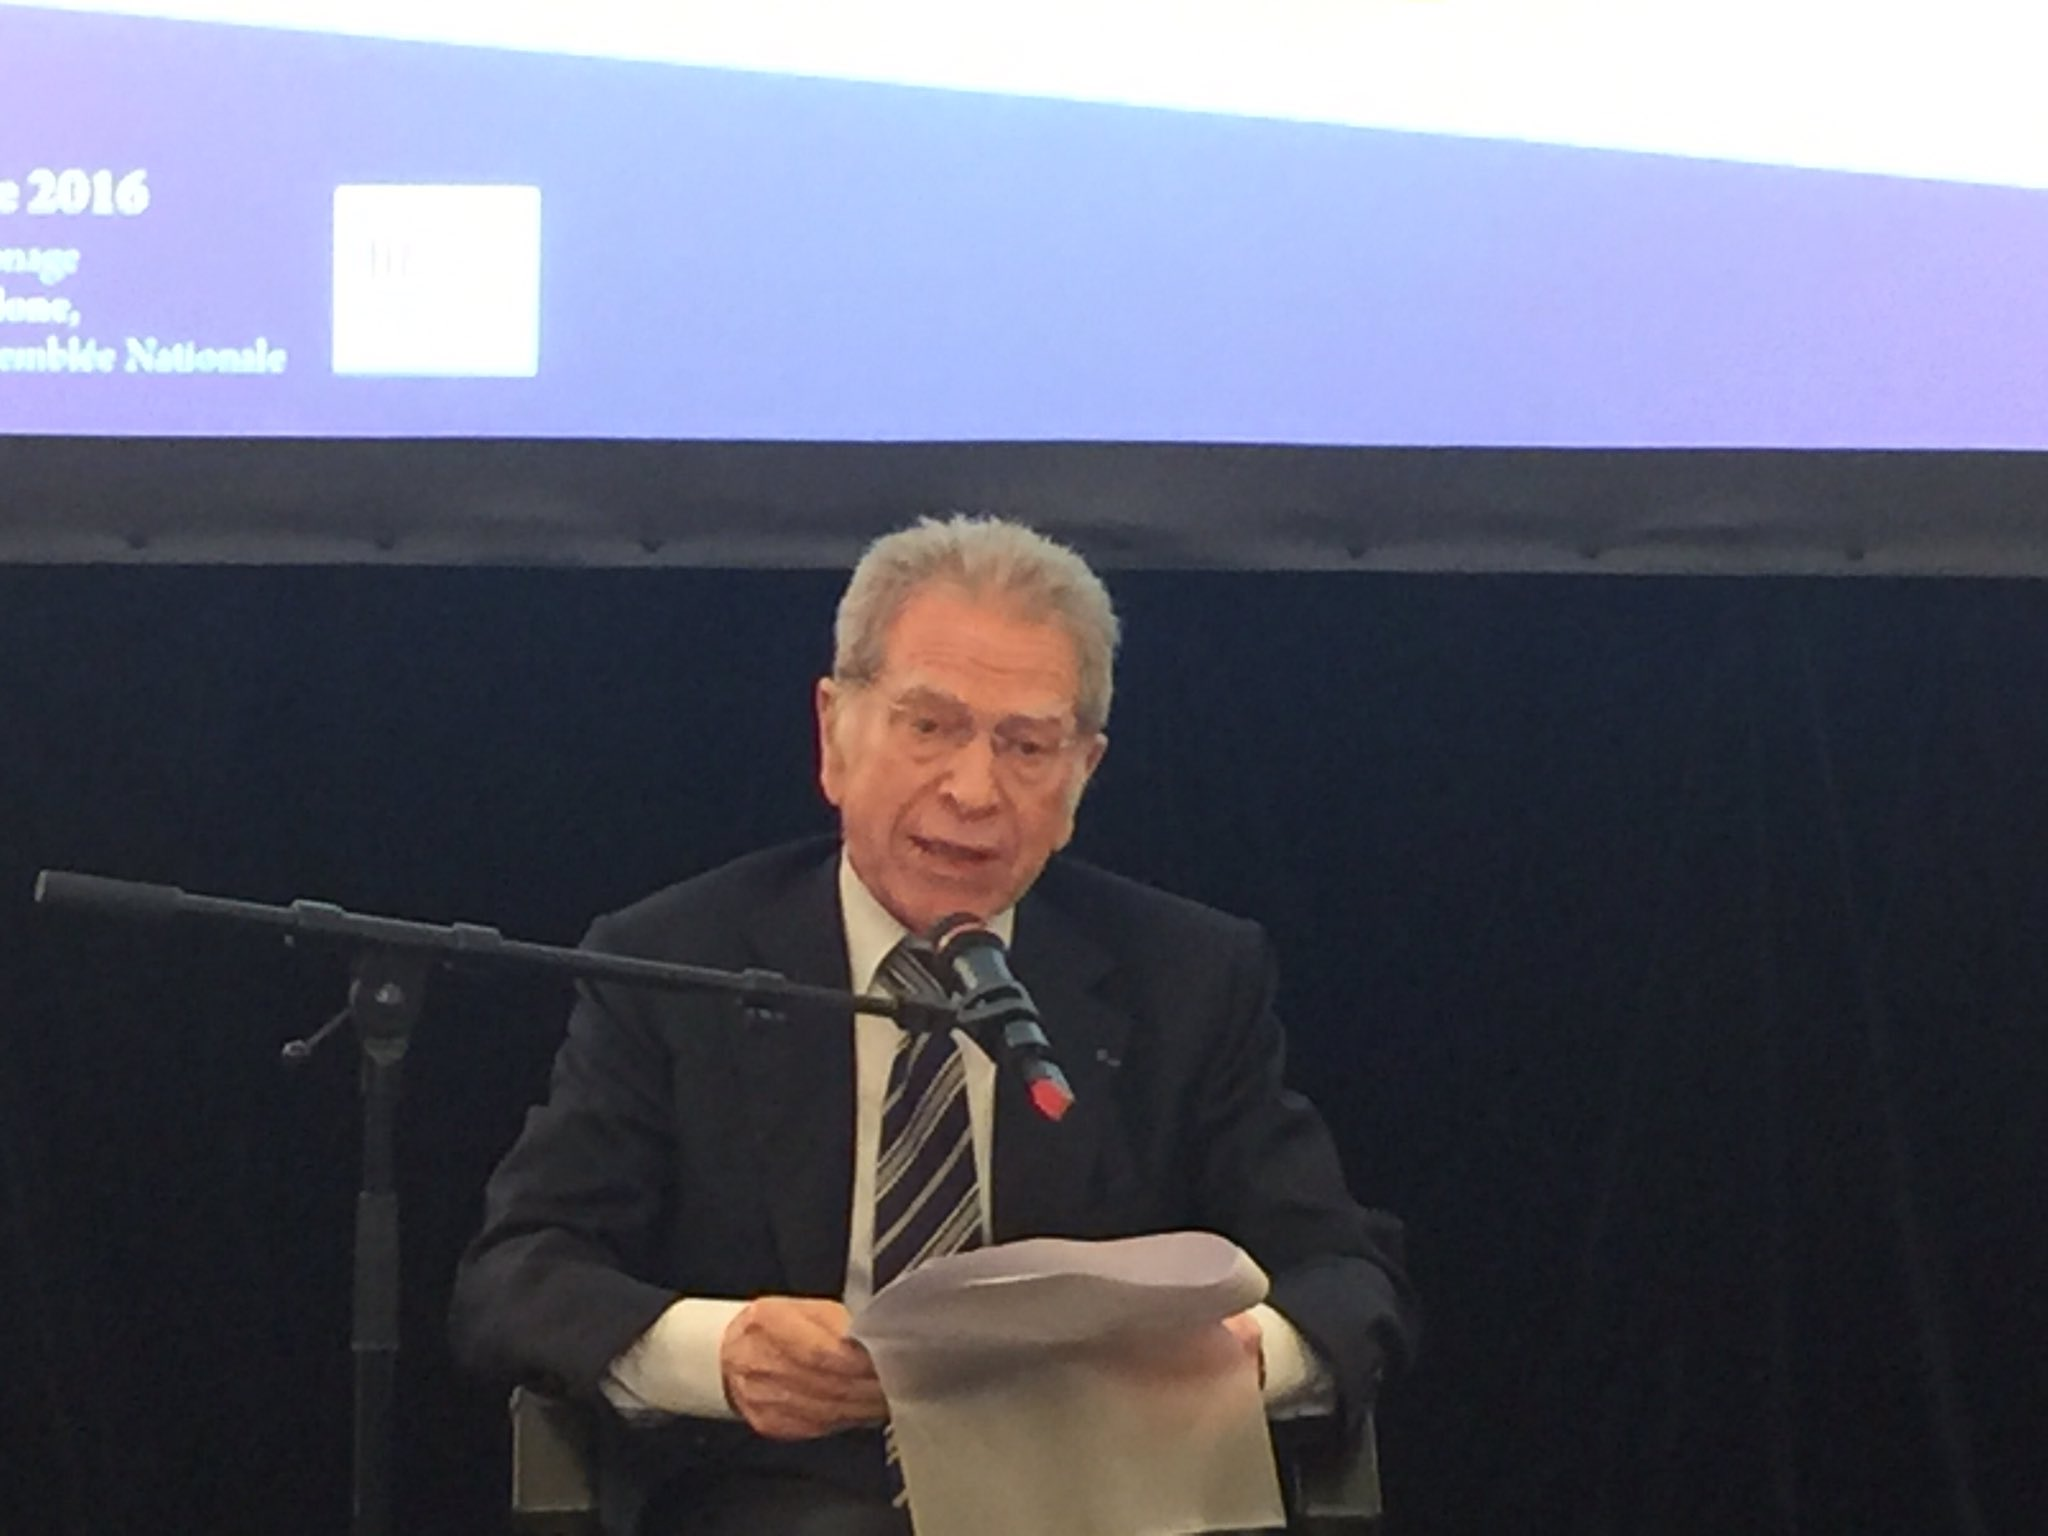 Discours Yvan Glasel président de @francemutualist à l'Assemblée Nationale pour la remise du #prixgrandtemoin #litterature https://t.co/cQiAMytbHP